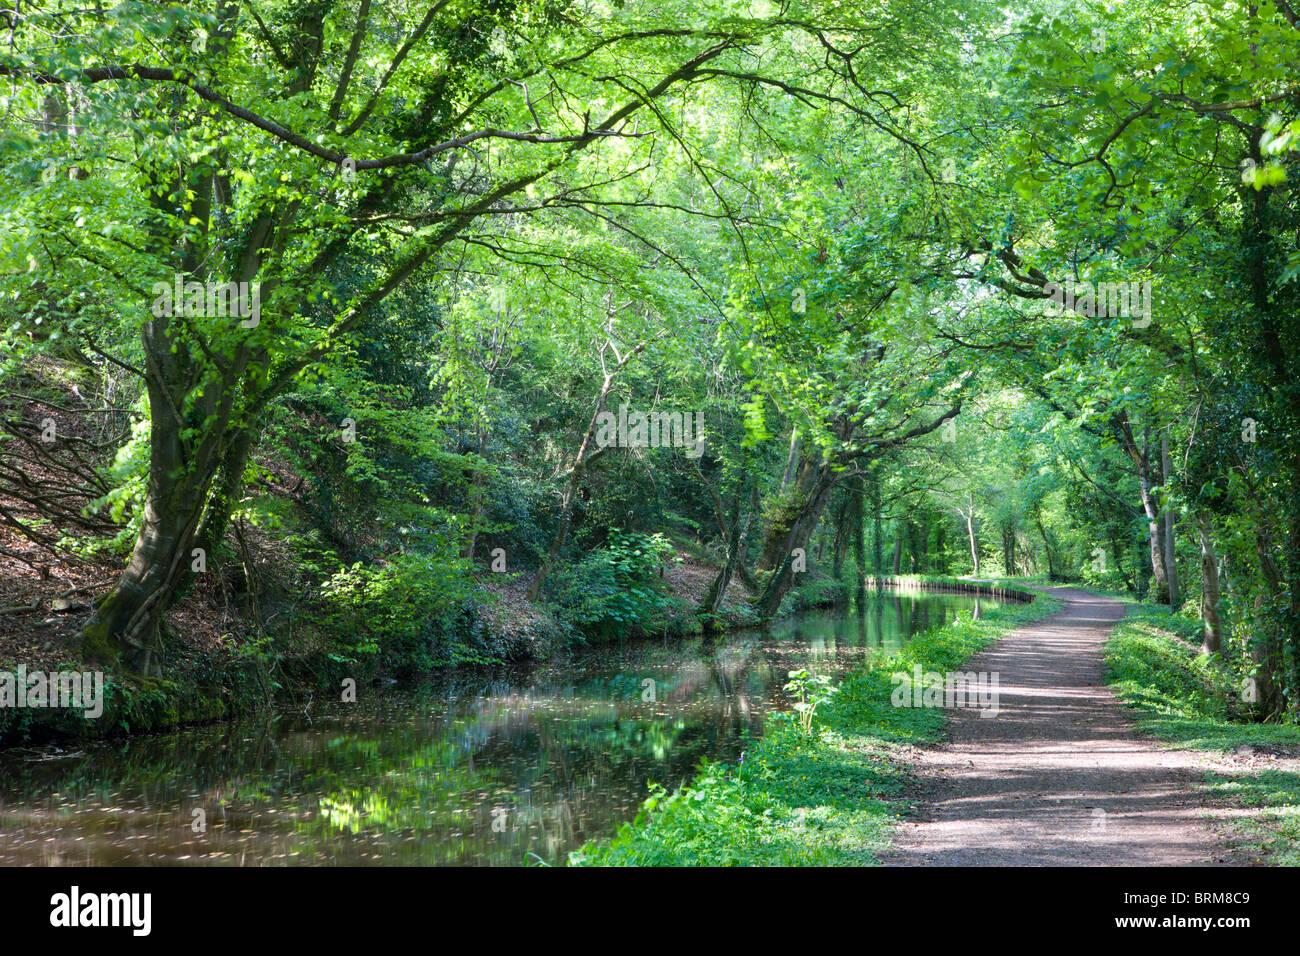 Monmouthshire und Brecon Canal in der Nähe von Llanhamlach, Brecon Beacons National Park, Powys, Wales. Stockbild